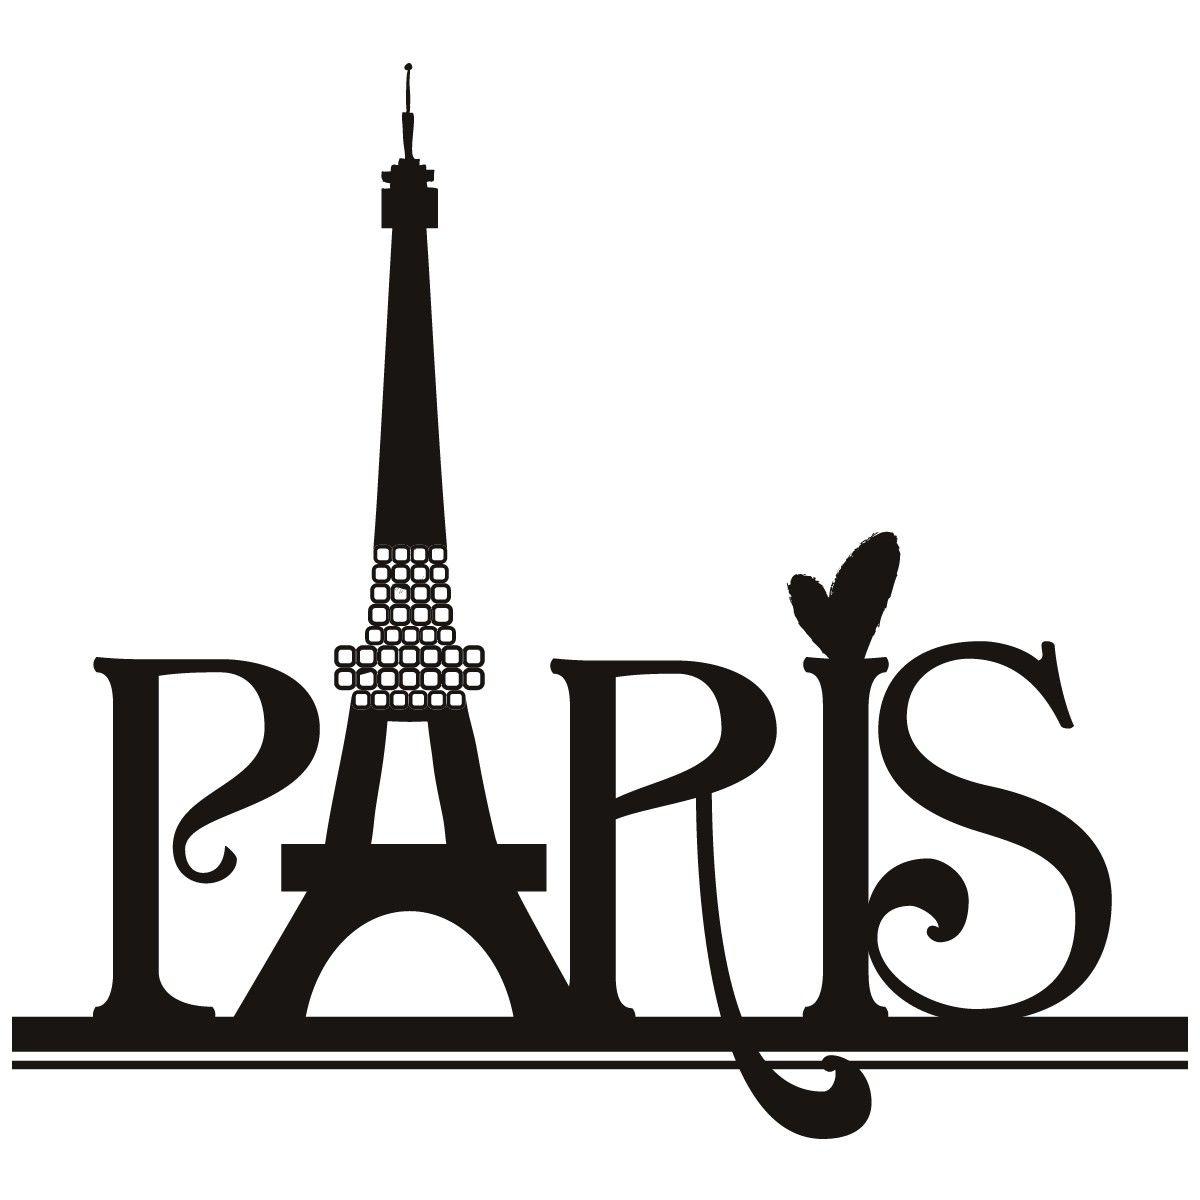 paris-eiffel-tower-wall-art-sticker-30.jpg 1,200